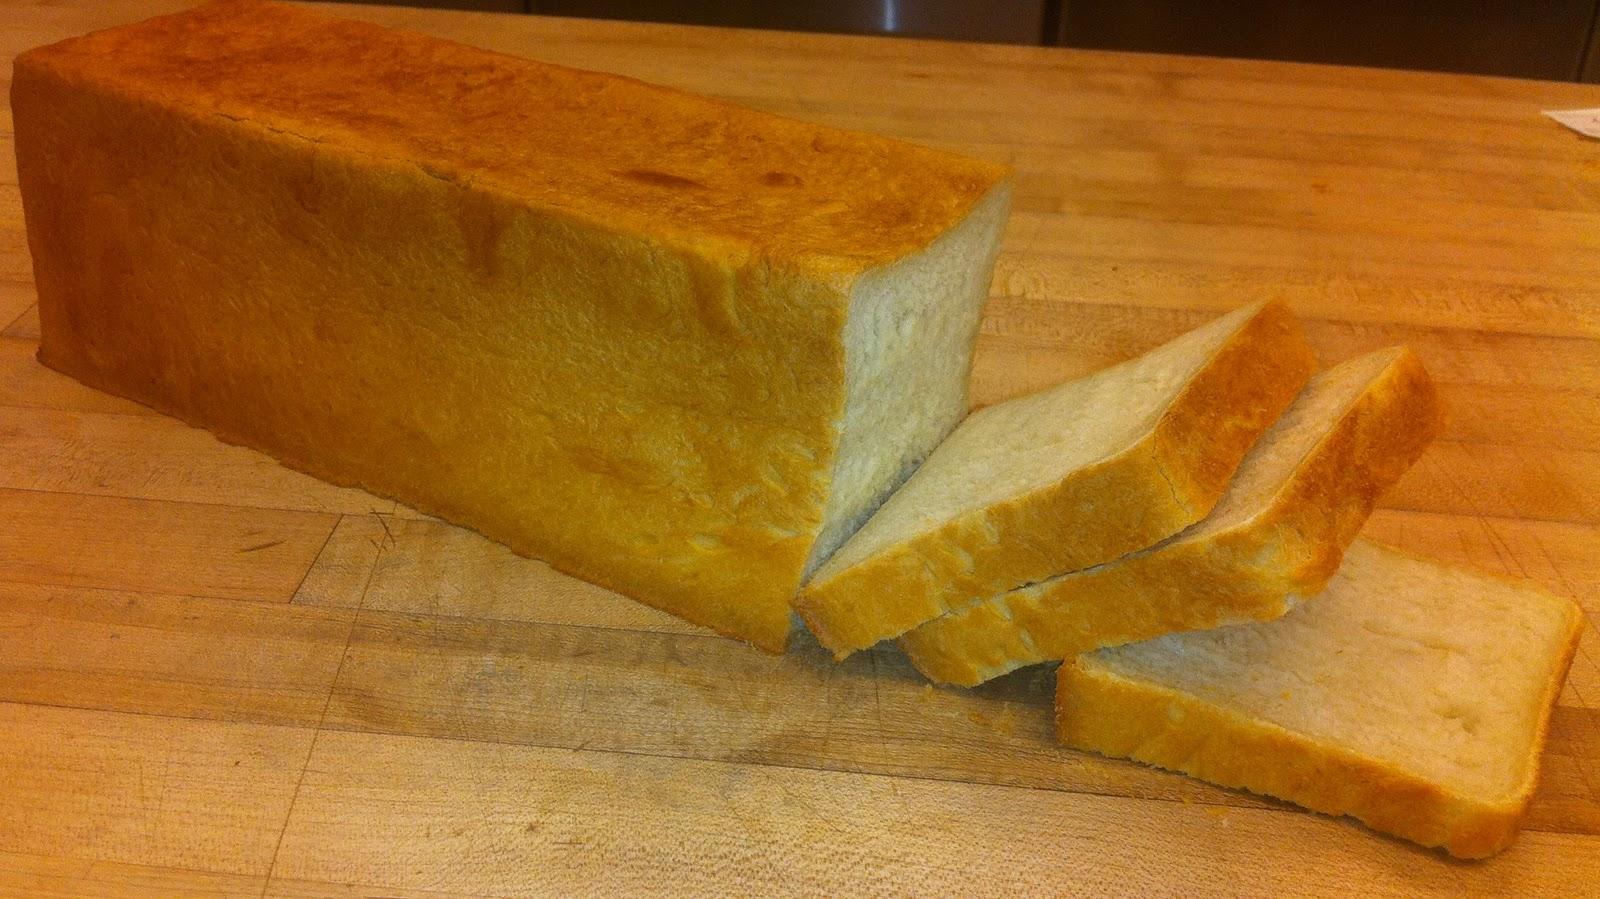 queen of tarts adventures in pastry school the bread. Black Bedroom Furniture Sets. Home Design Ideas